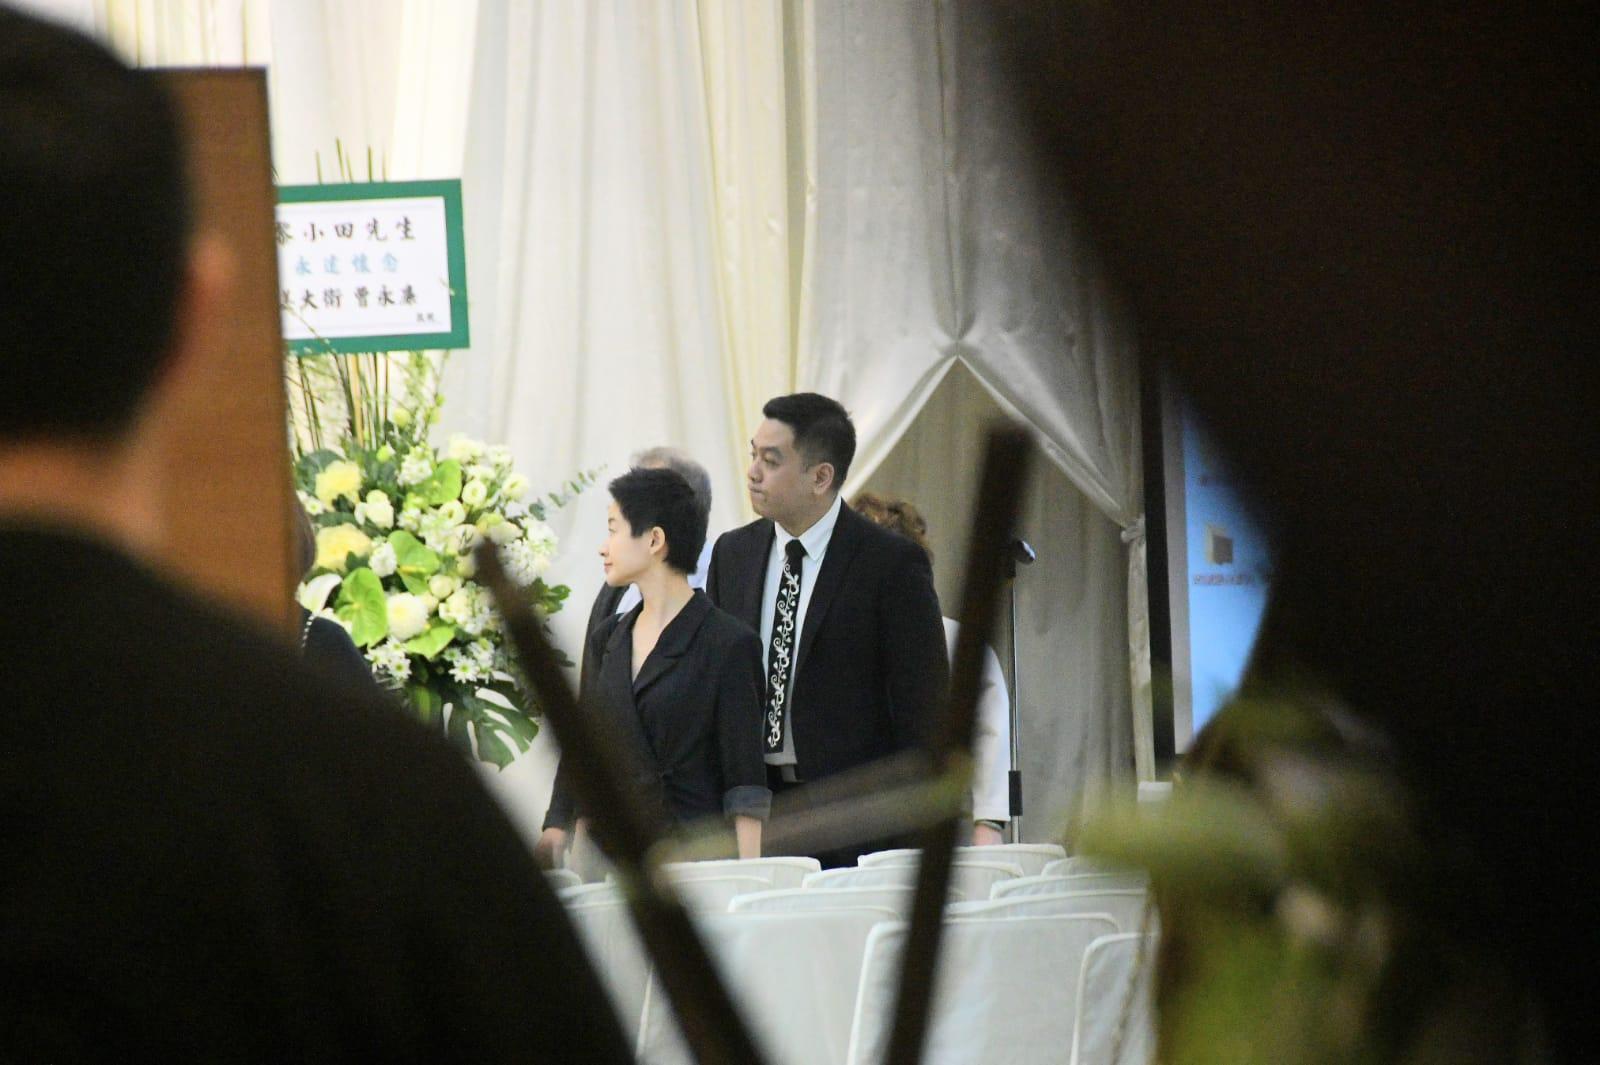 小田兒子黎兆斌及媳婦林寄韻到靈堂打點。